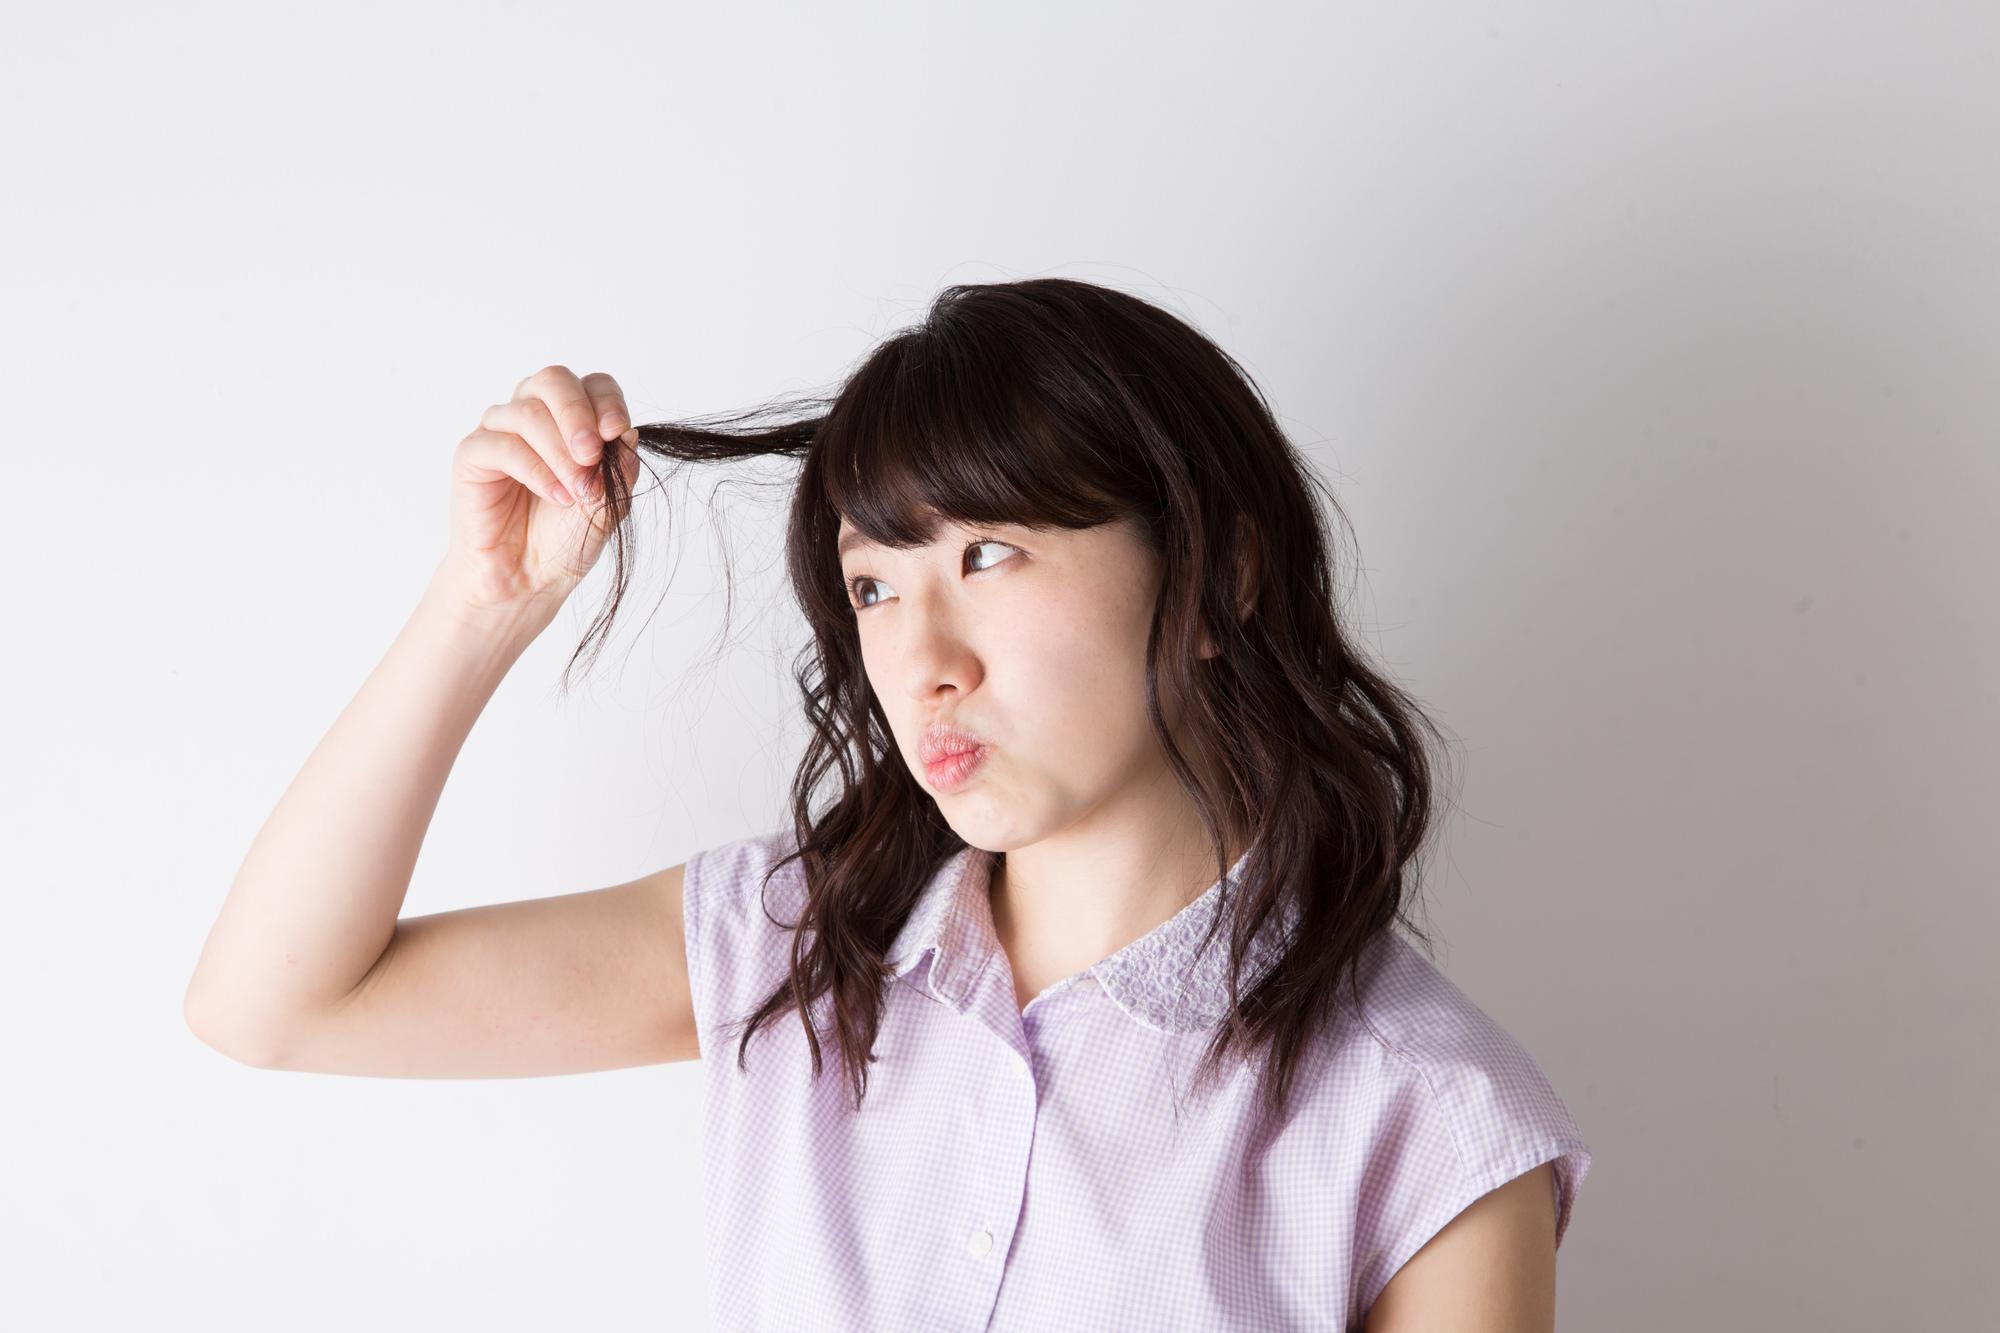 くせ毛で薄毛の女性におすすめ!髪型選びの3つのポイント